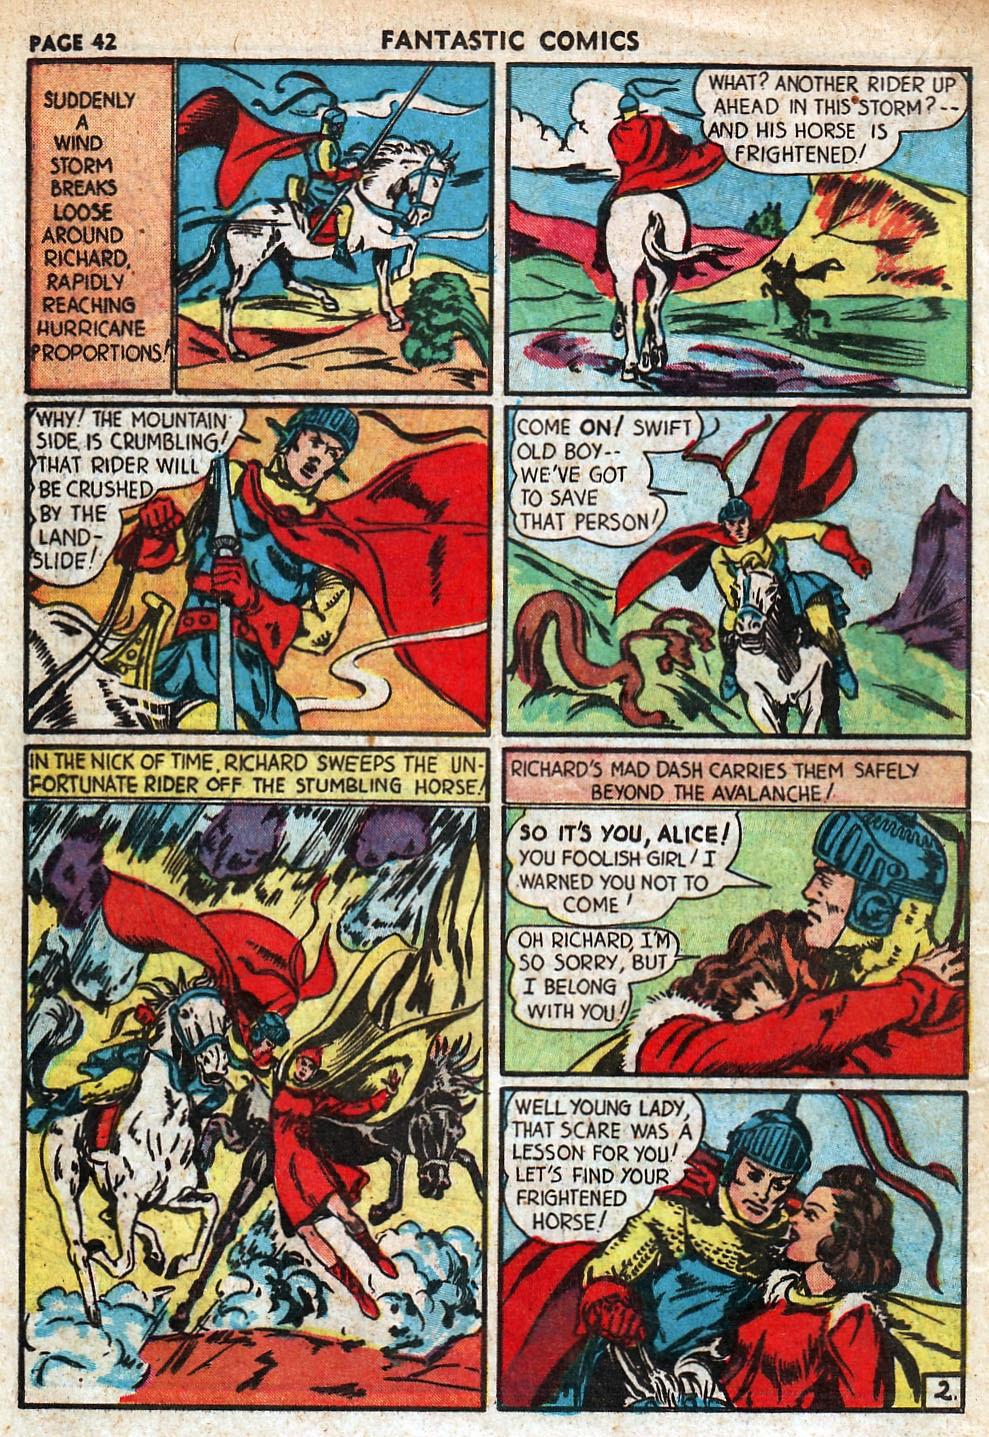 Read online Fantastic Comics comic -  Issue #18 - 44